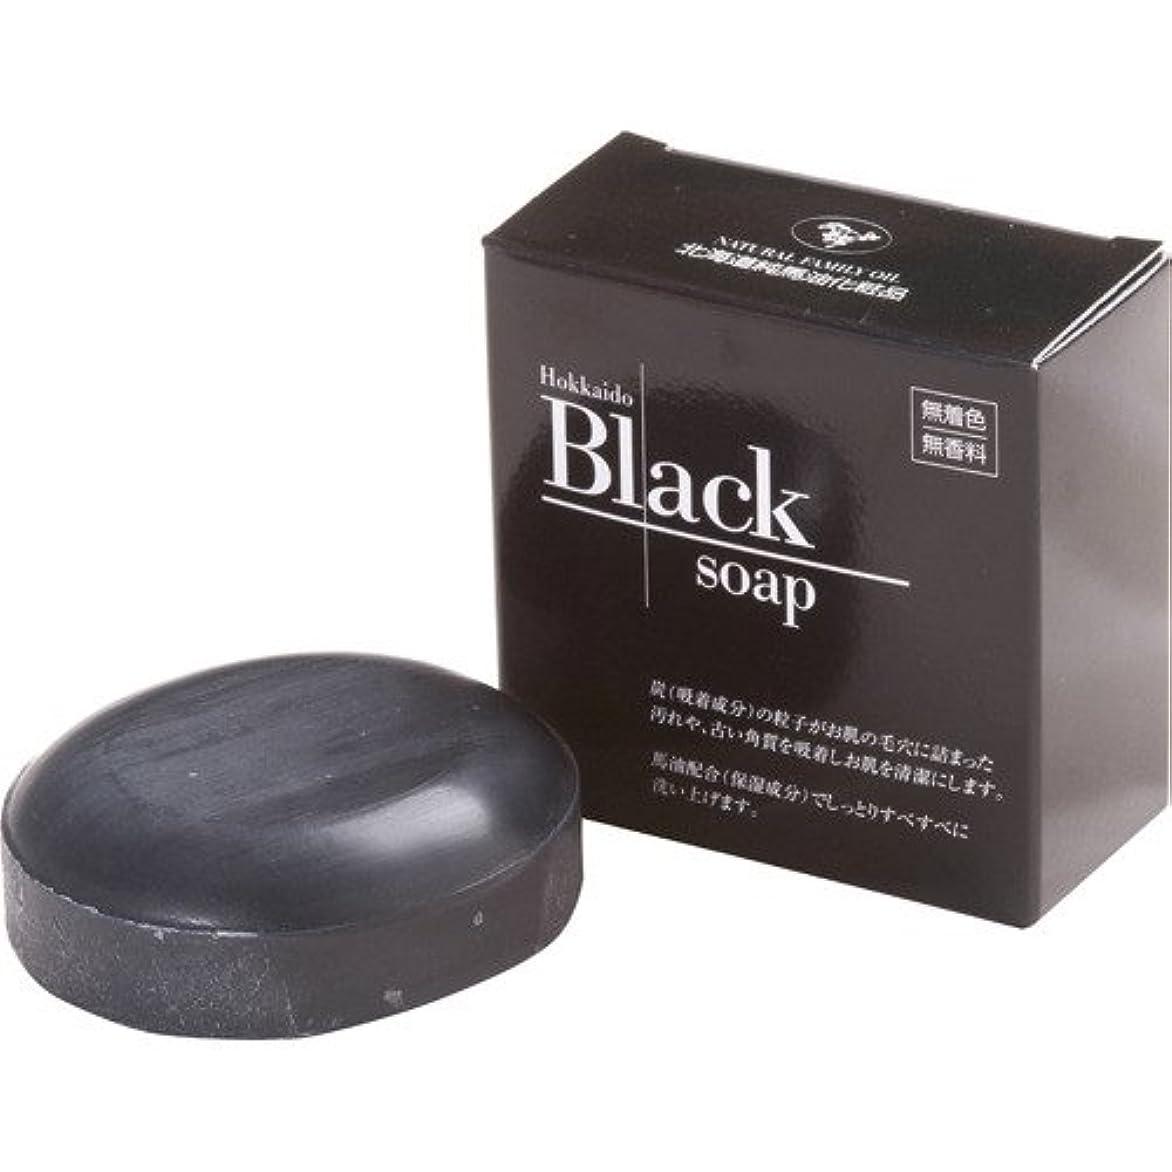 有毒なきしむずるい北海道黒石けん 100g